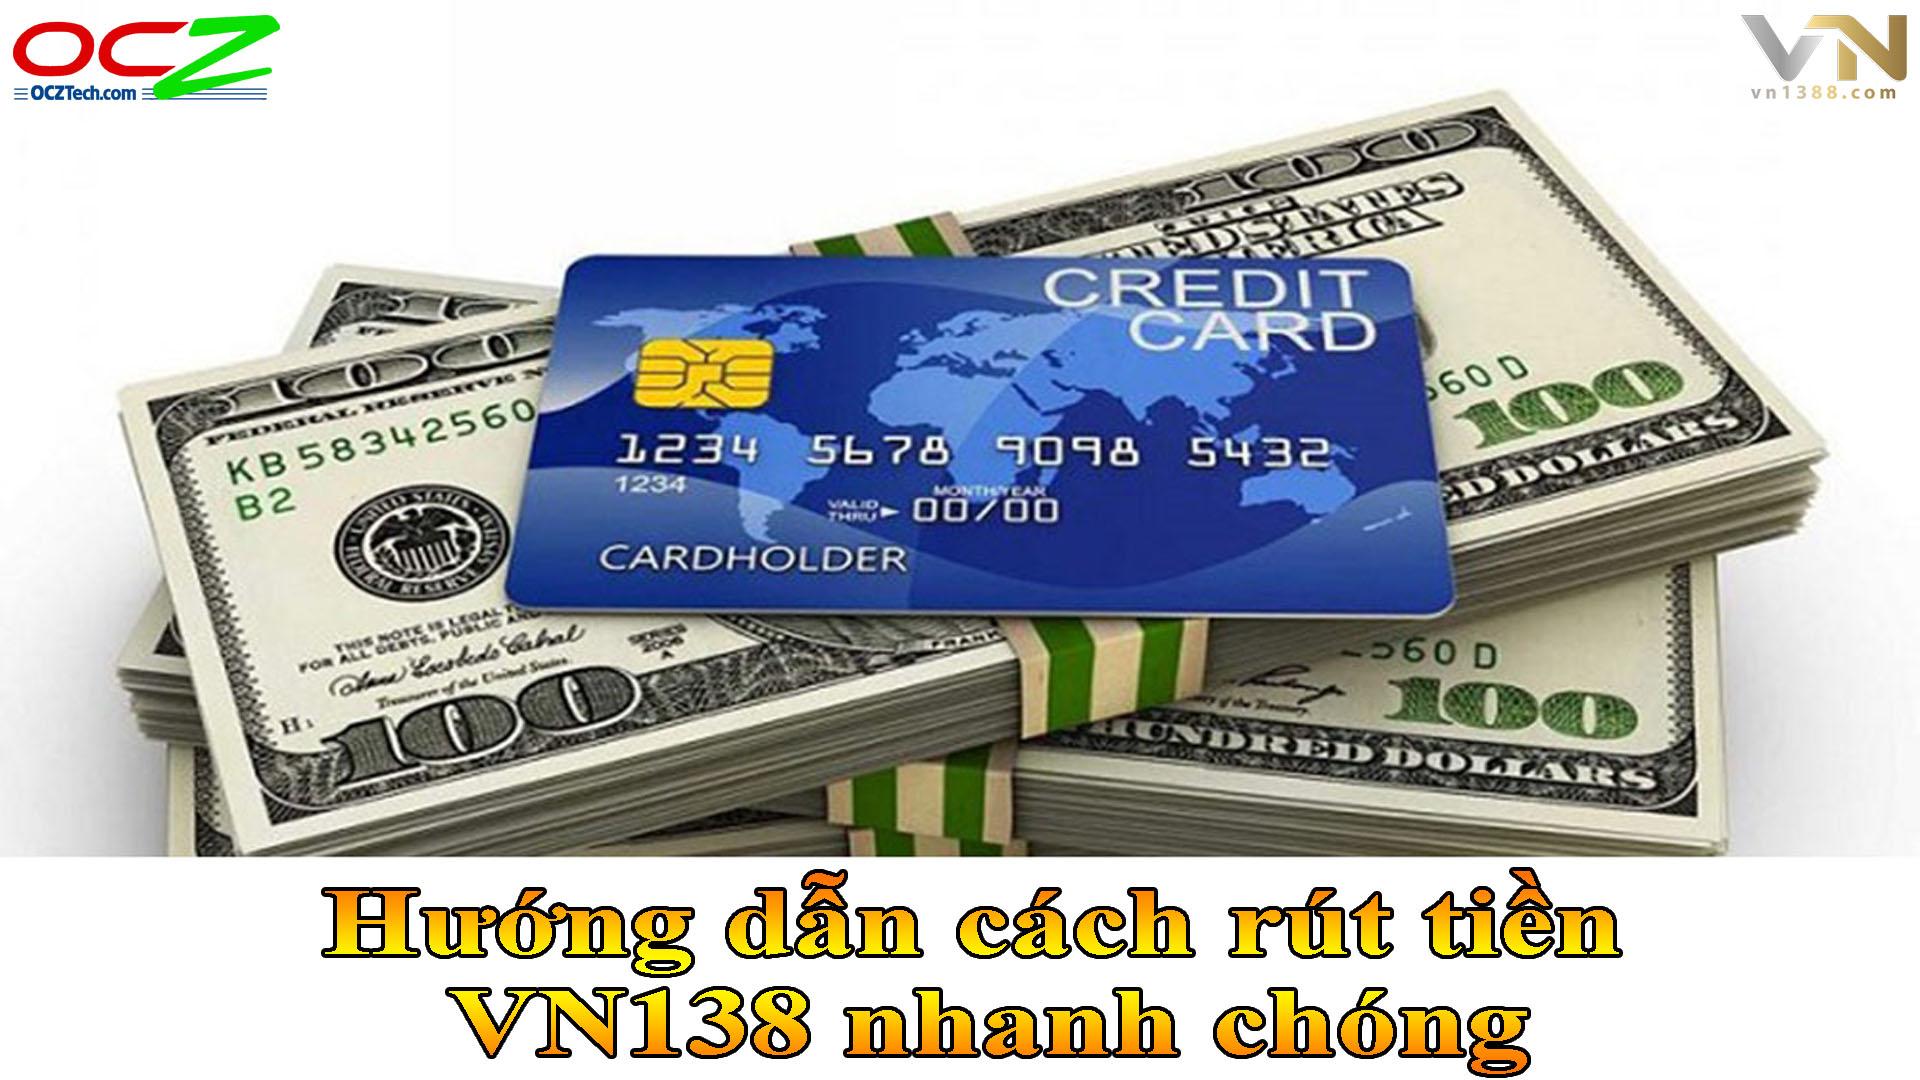 Hướng dẫn cách rút tiền VN138 nhanh chóng